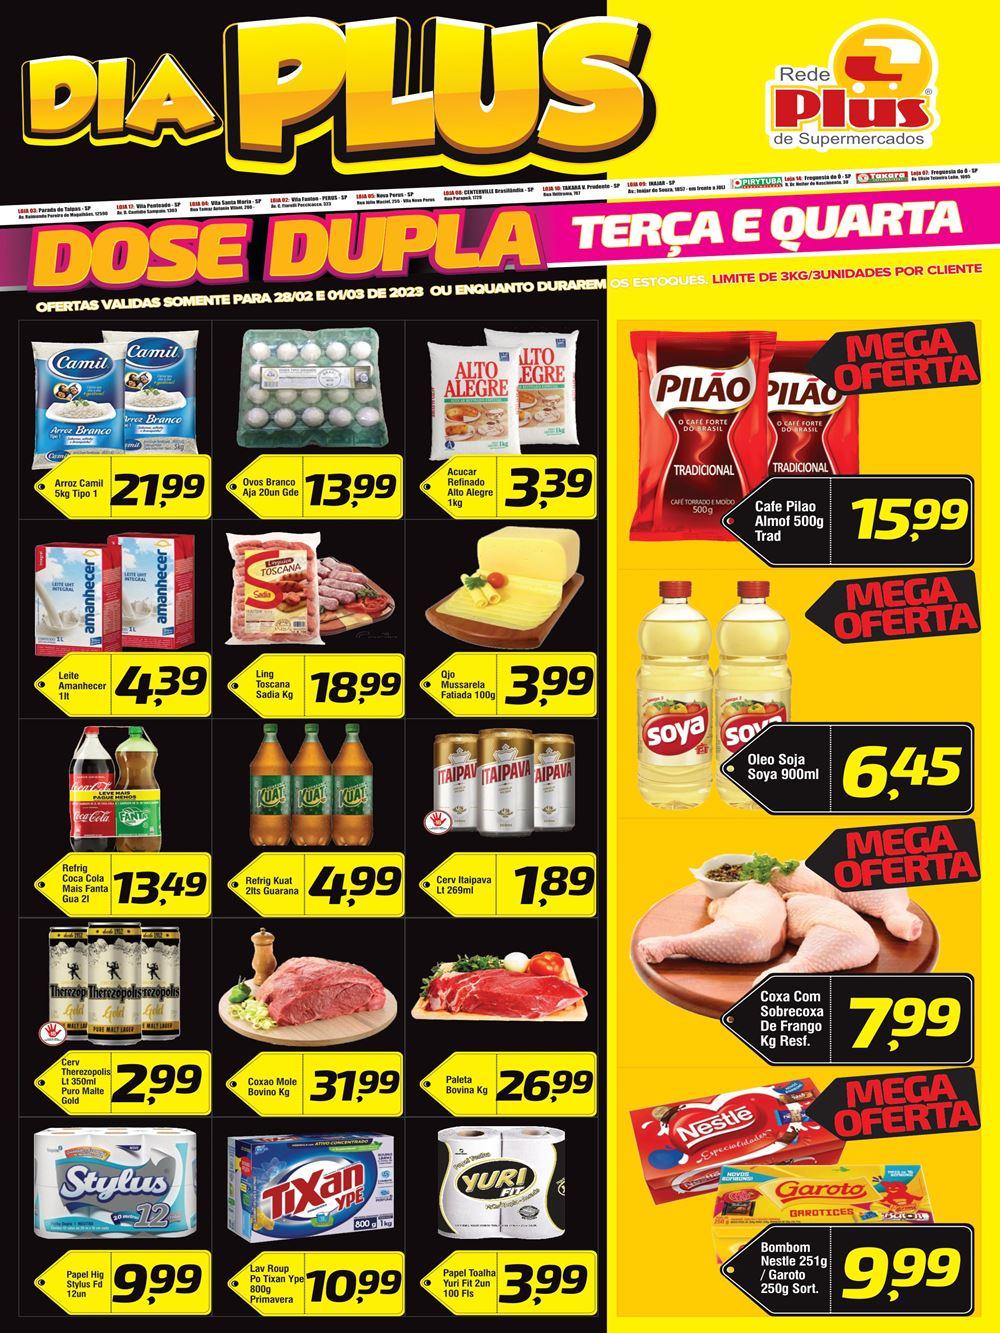 redeplustakara-ofertas-descontos-hoje1-28 São Paulo